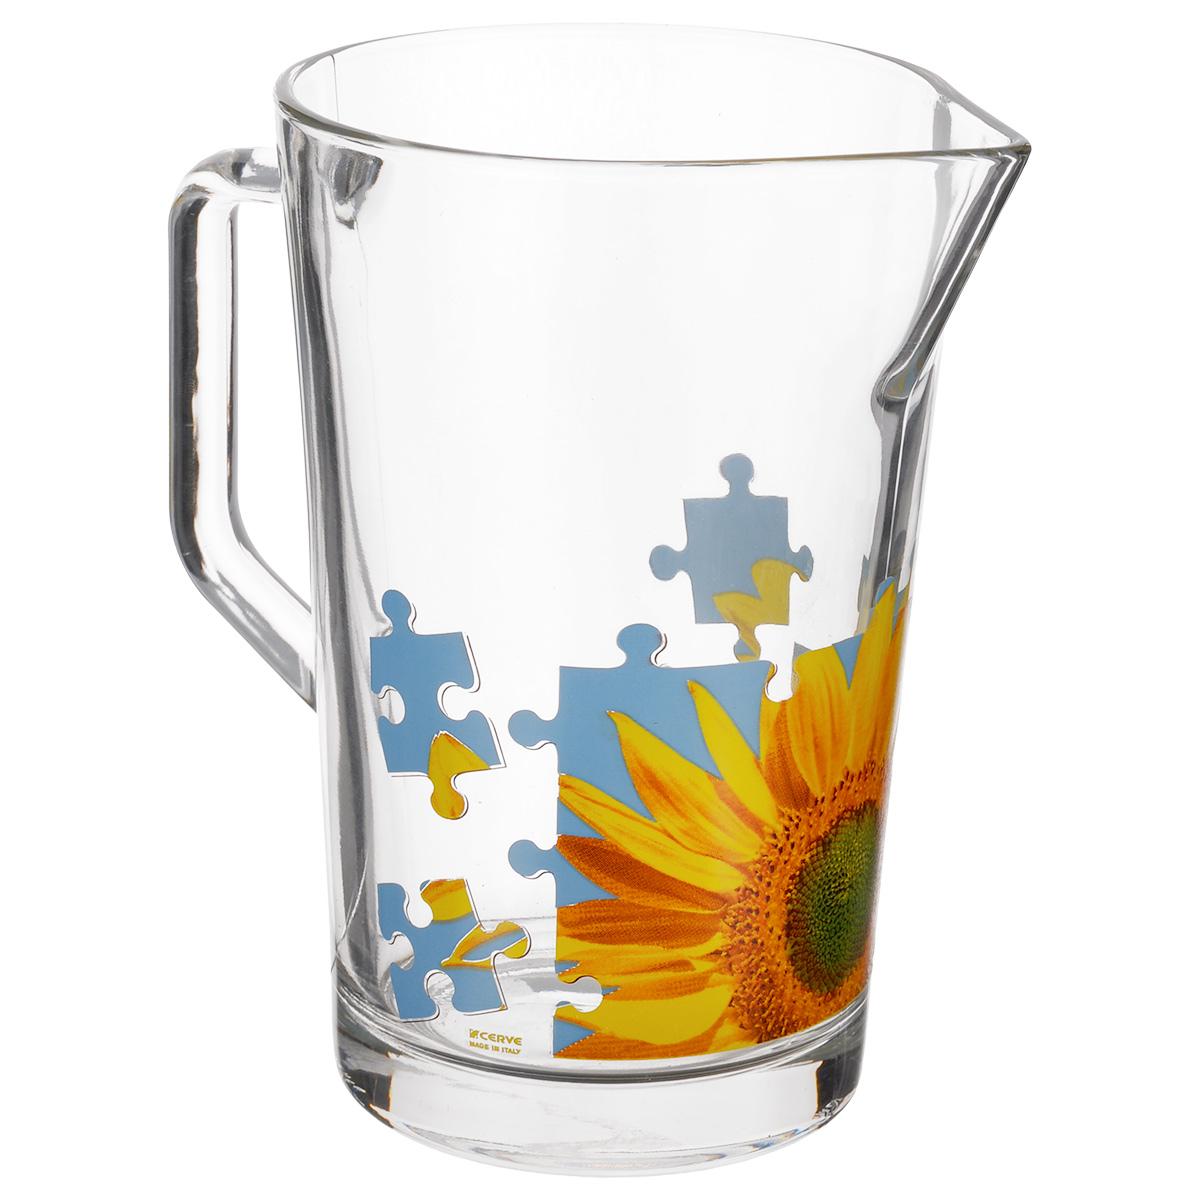 """Кувшин Cerve """"Пазл Подсолнух"""", выполненный из высококачественного стекла, оформлен изображением подсолнуха в виде пазла. Он оснащен удобной ручкой и прост в использовании, достаточно просто наклонить его и налить ваш любимый напиток. Изделие прекрасно подойдет для подачи воды, сока, компота и других напитков.  Кувшин Cerve """"Пазл Подсолнух"""" дополнит интерьер вашей кухни и станет замечательным подарком к любому празднику. Диаметр (по верхнему краю): 11,5 см. Высота кувшина: 18 см."""